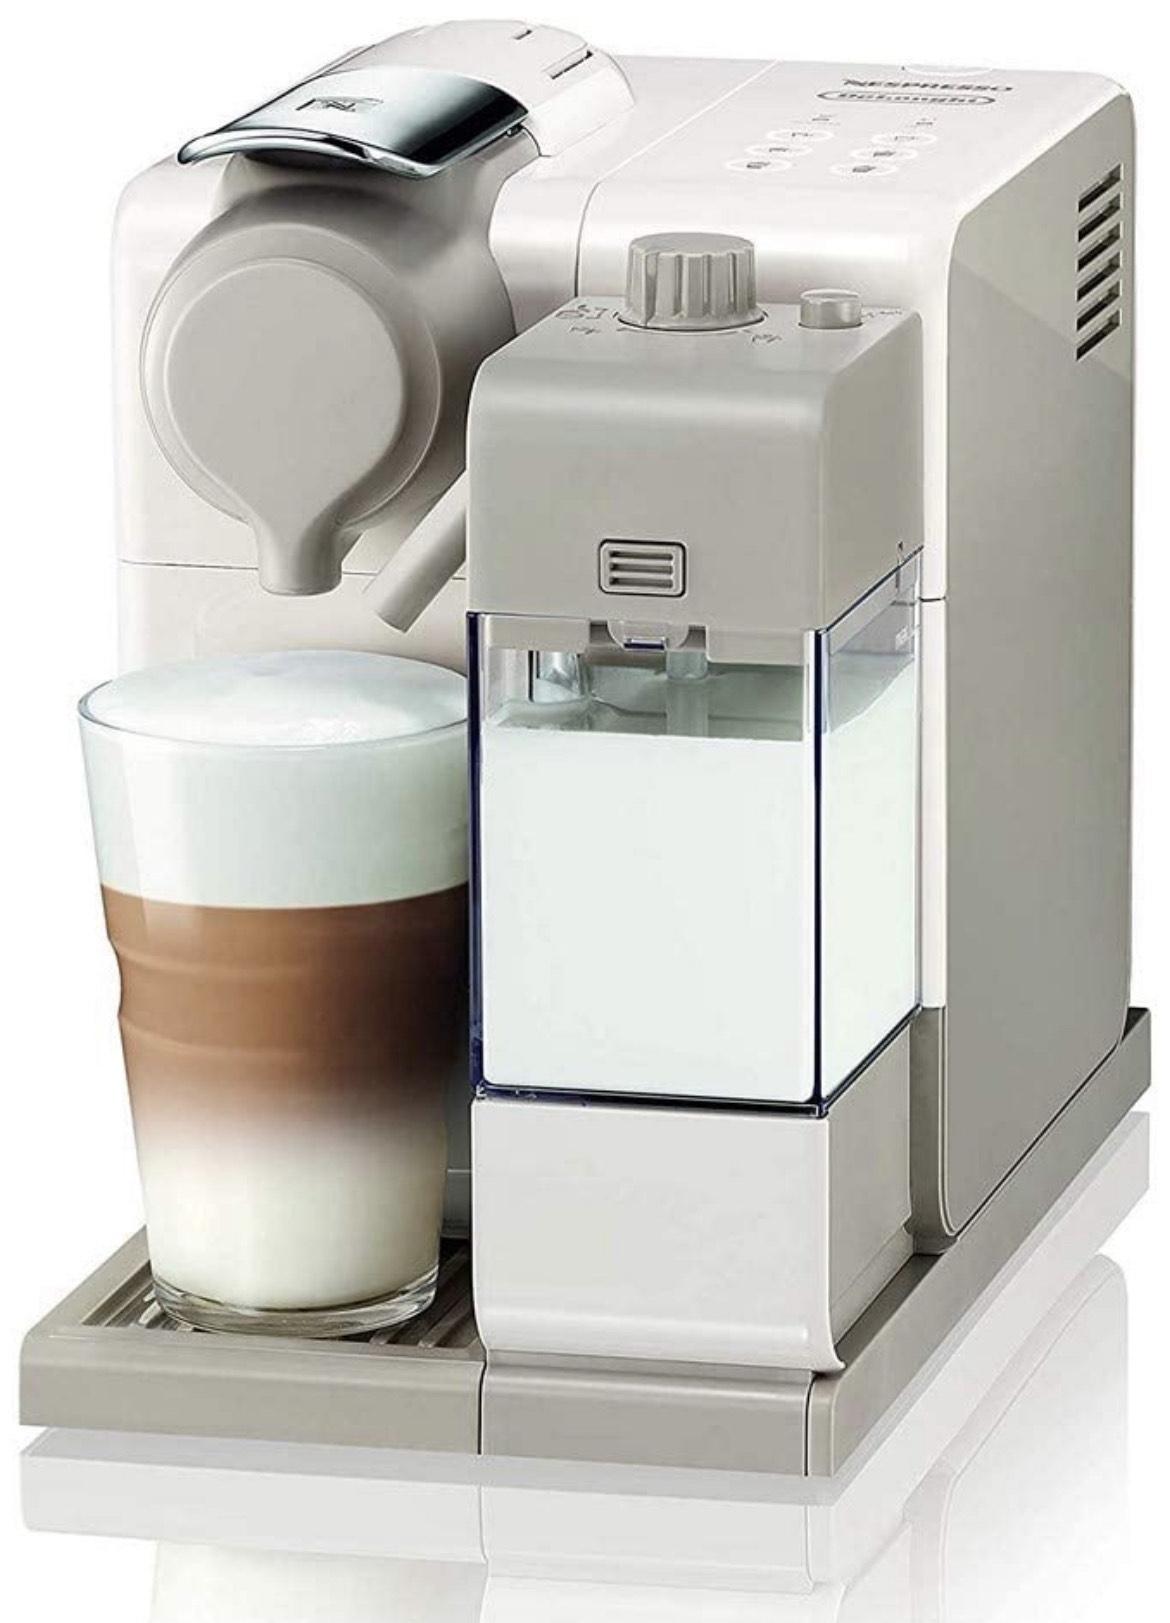 De'Longhi Nespresso Lattissima Touch Single Serve Capsule Coffee Machine £159.99 at Amazon